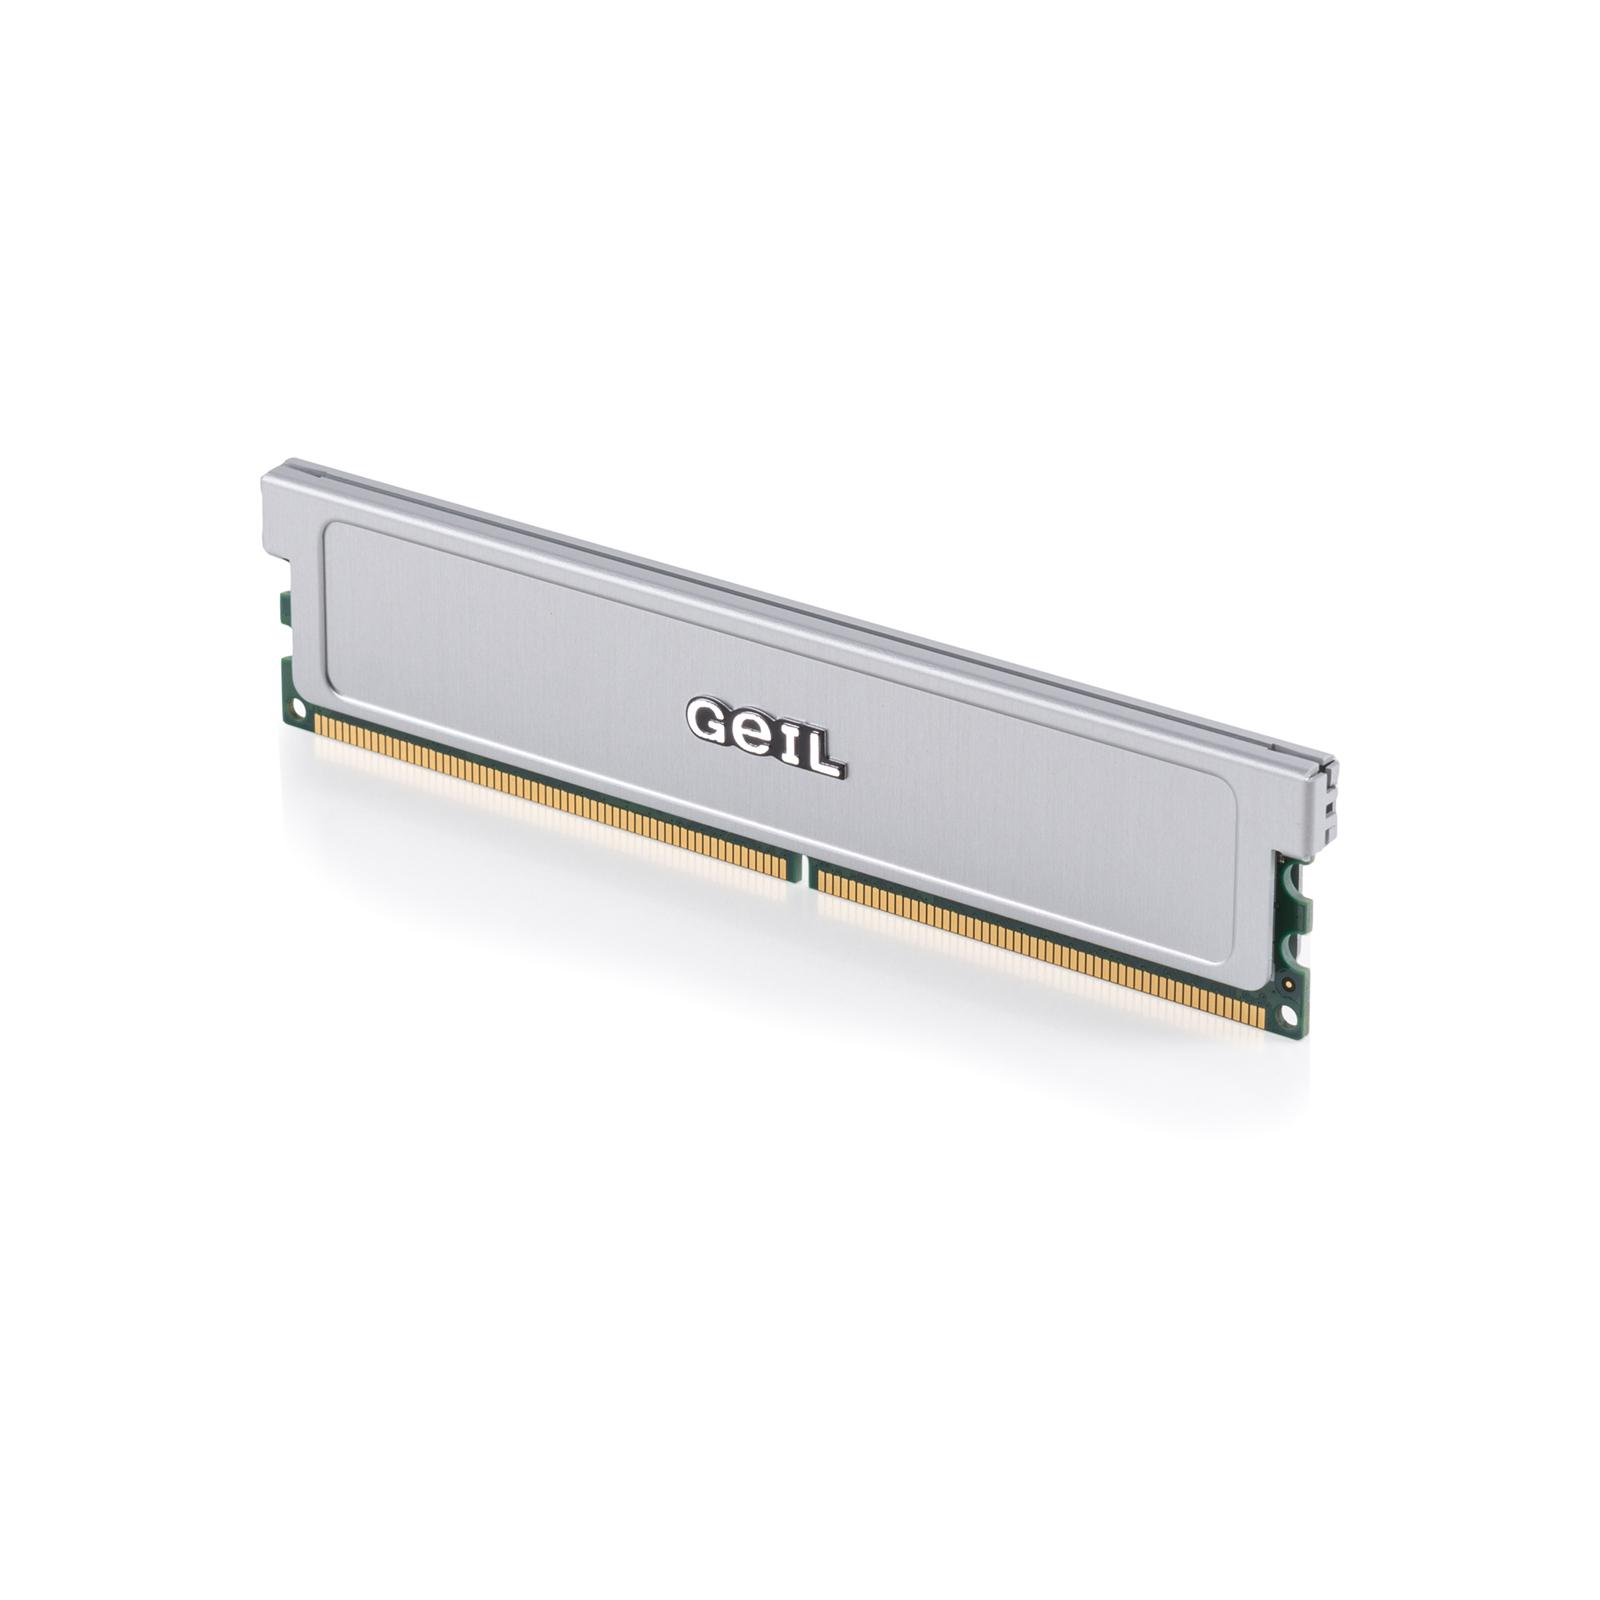 Модуль памяти для компьютера DDR2 4GB (2х2GB) 800 MHz GEIL (GX24GB6400DC) изображение 2